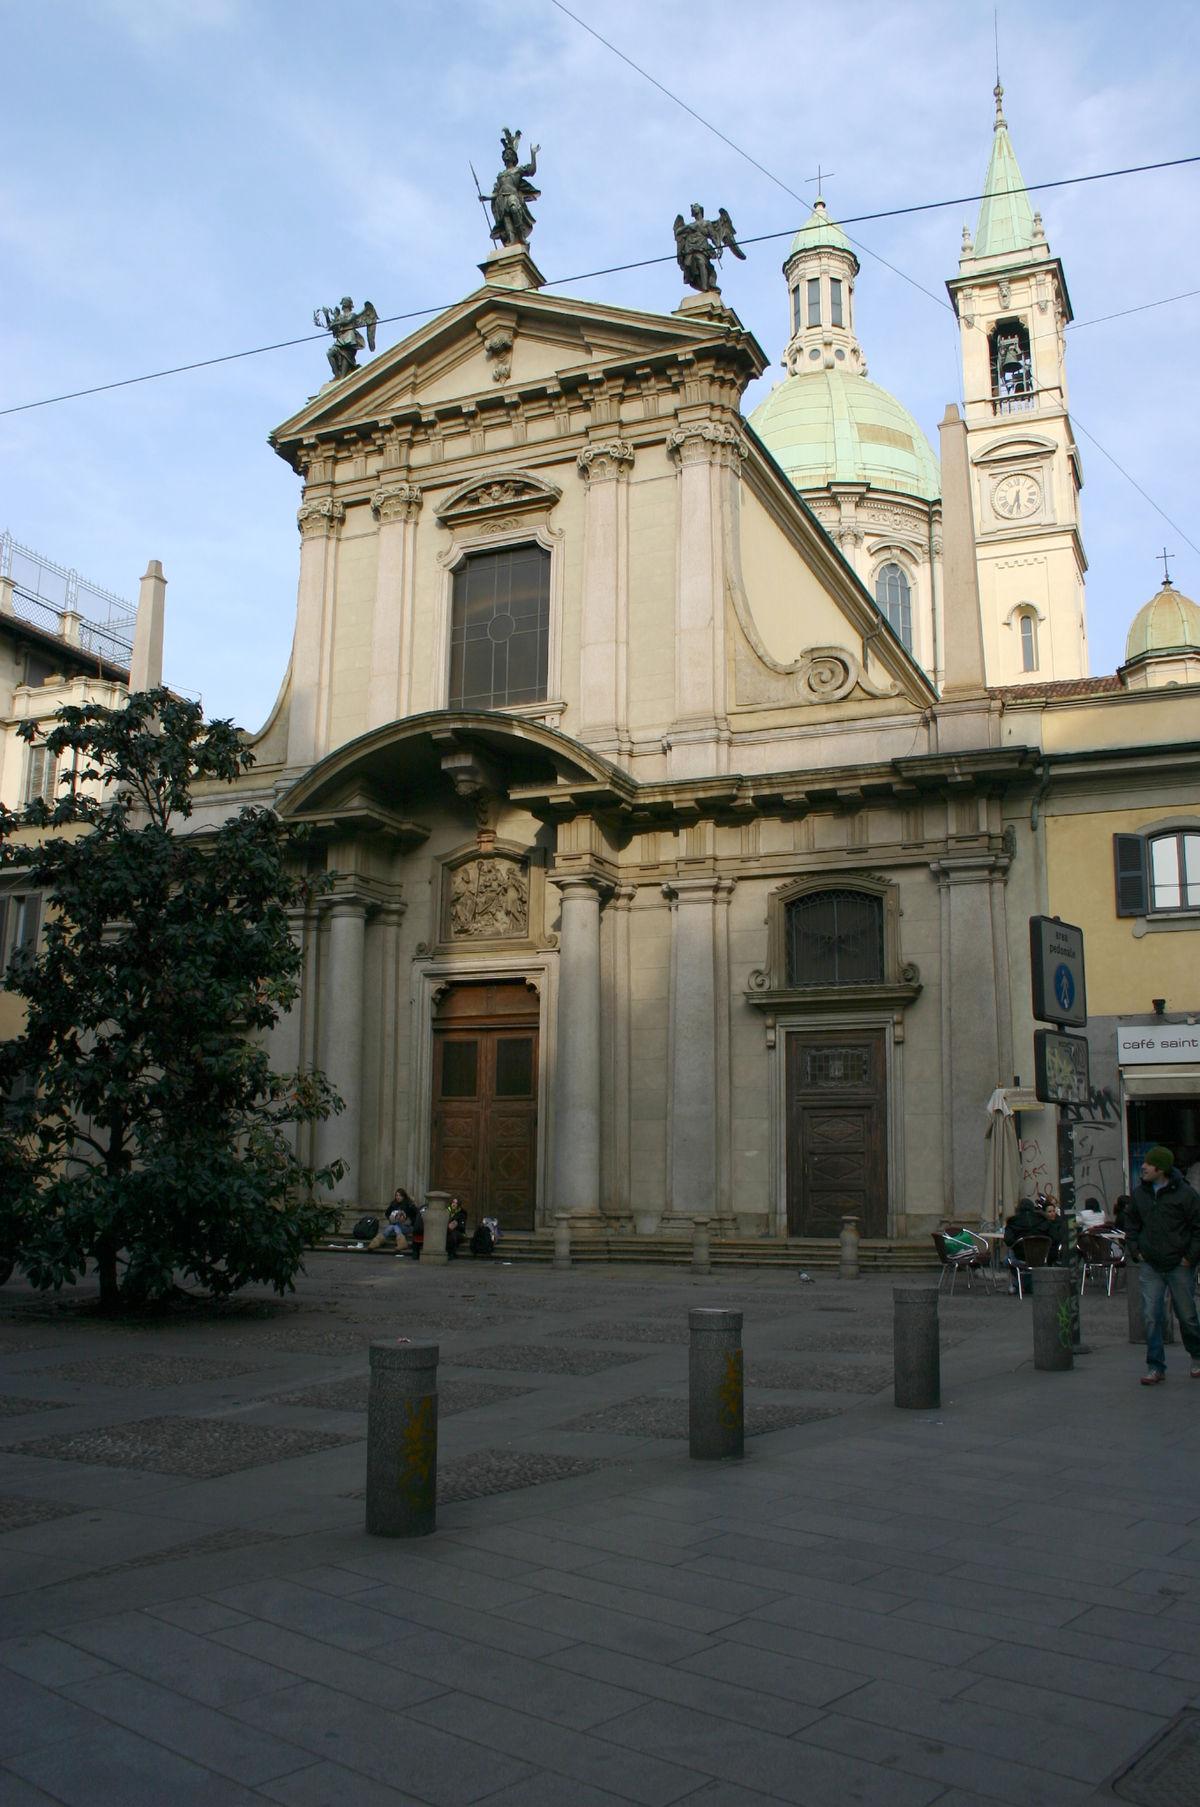 San giorgio al palazzo wikipedia for Arco arredamenti san giorgio